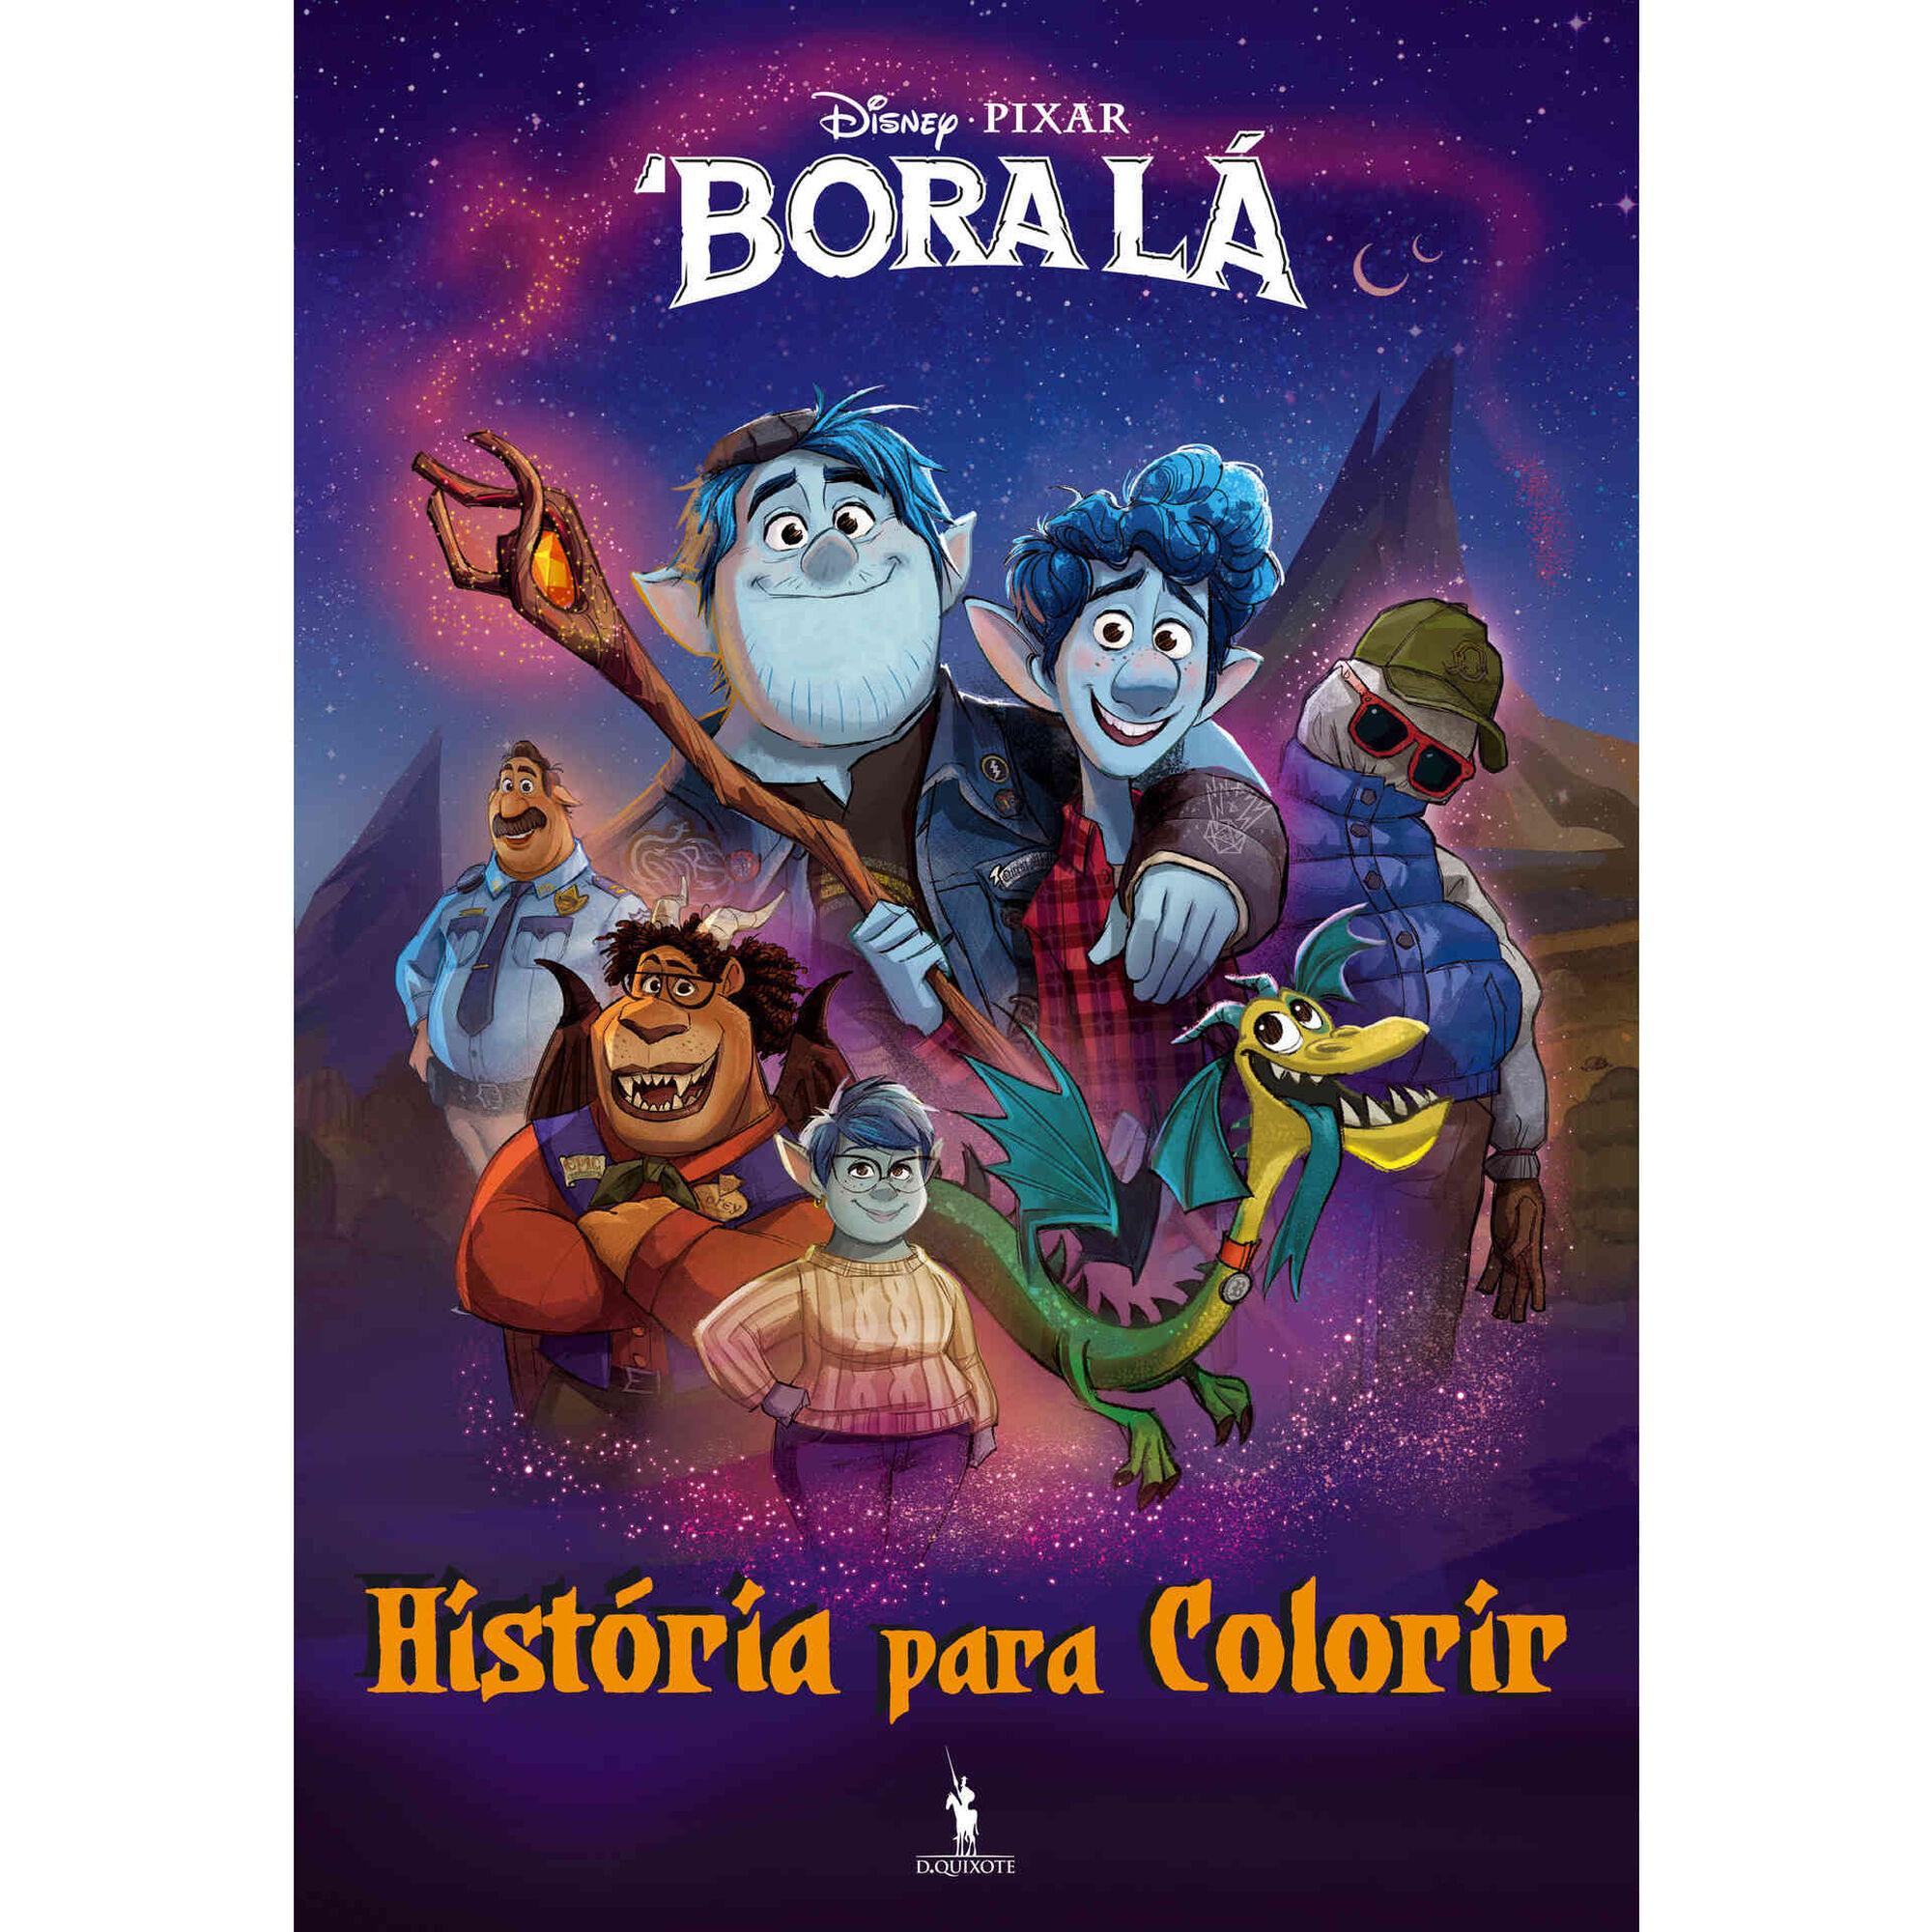 Bora Lá - História para Colorir